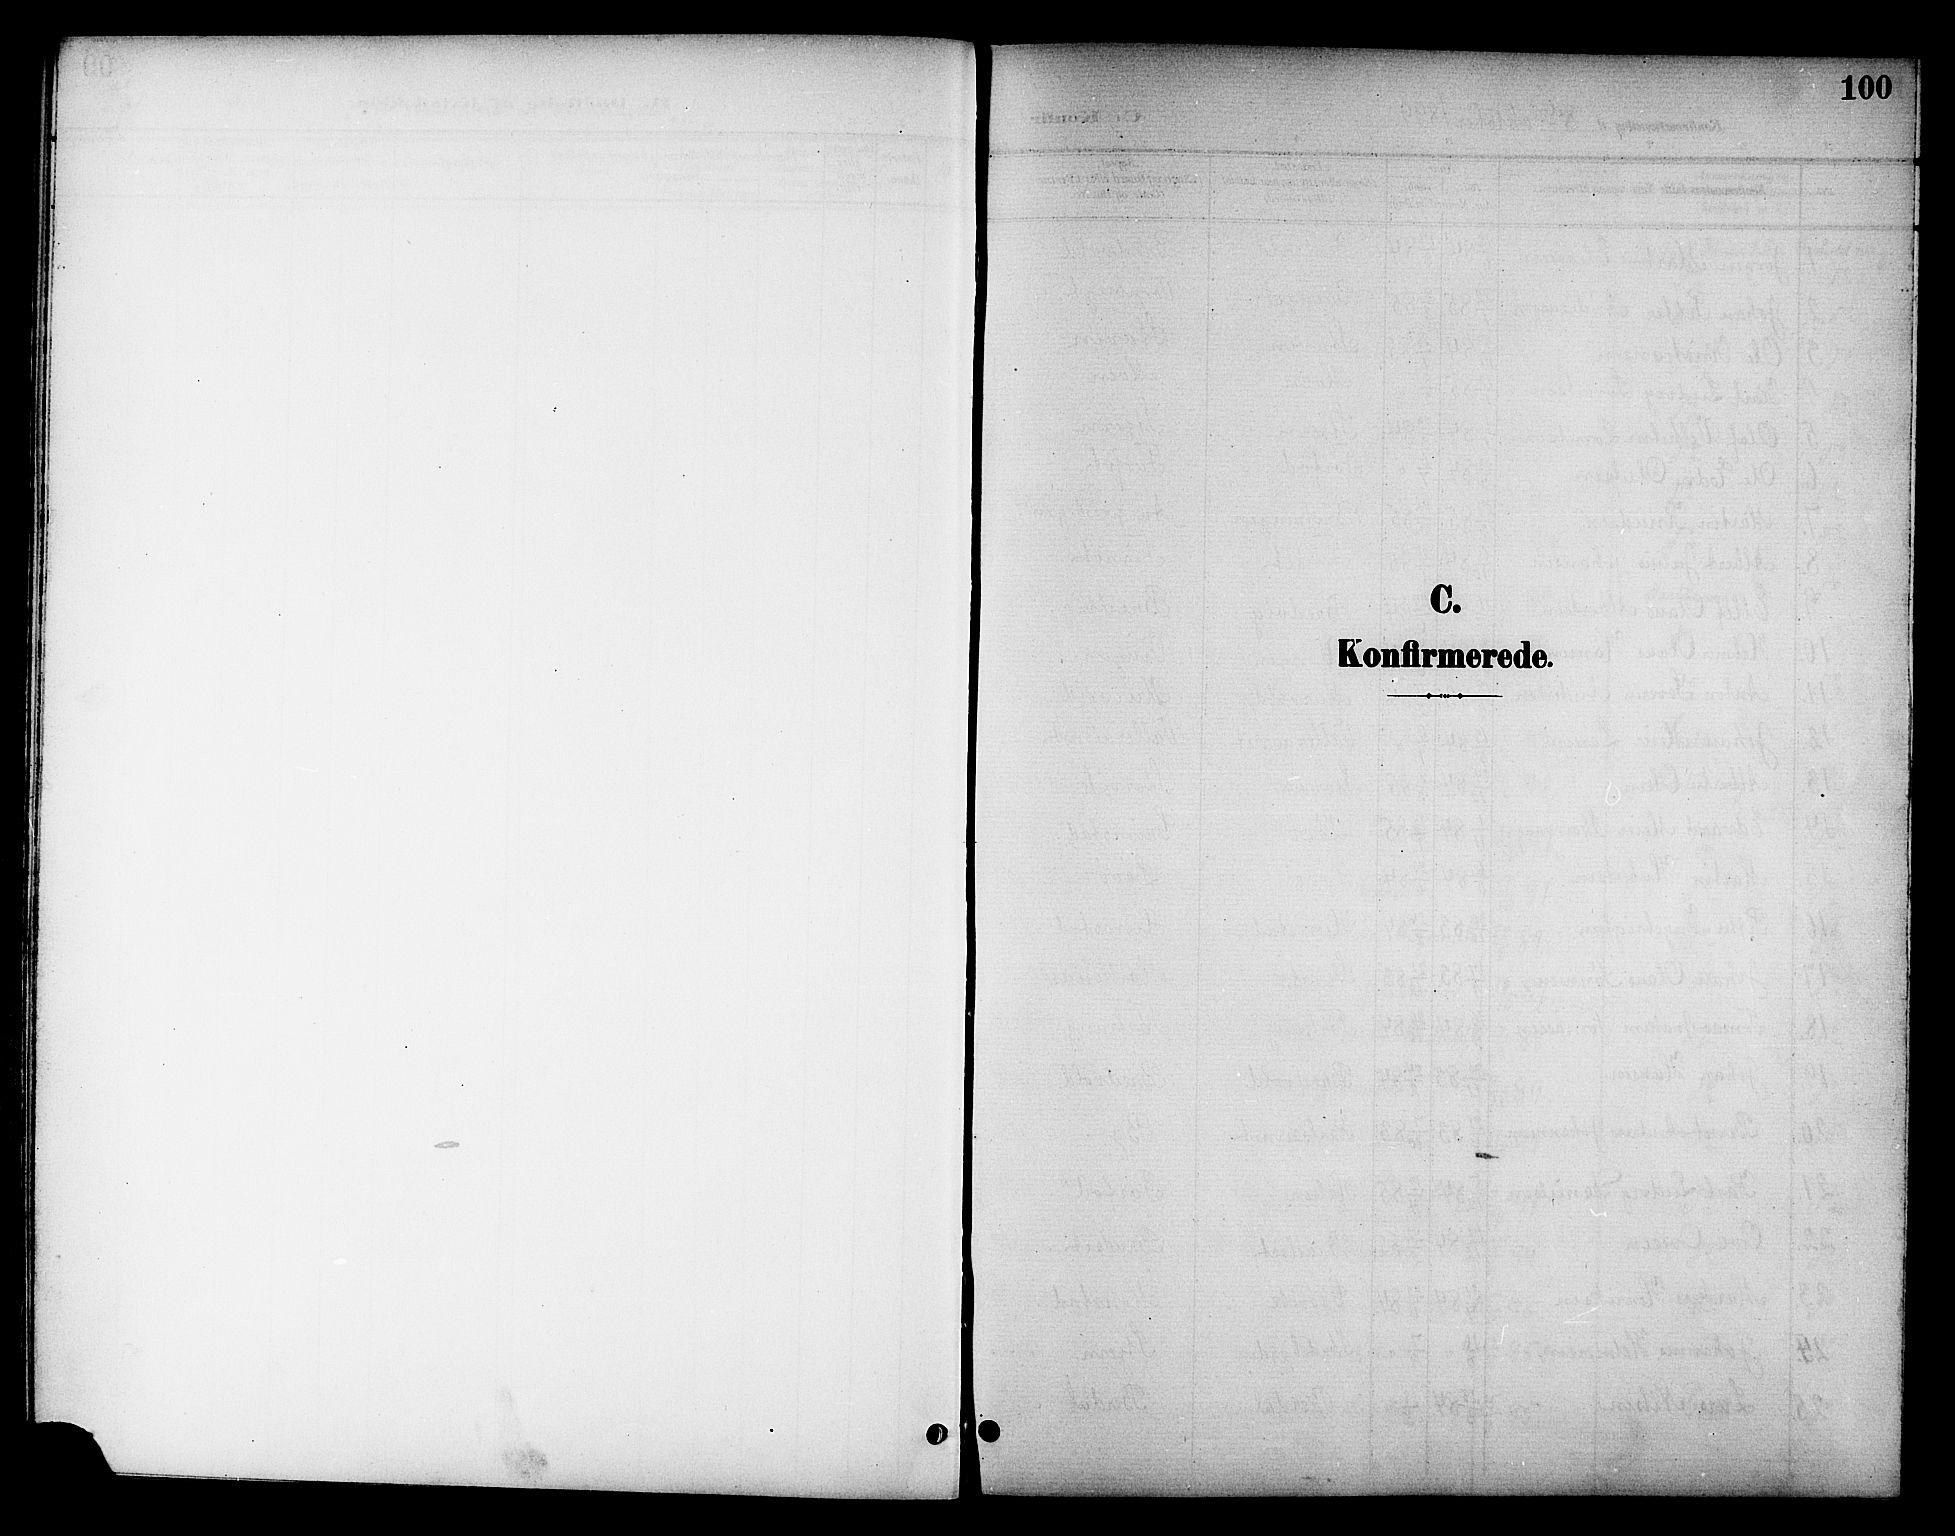 SAT, Ministerialprotokoller, klokkerbøker og fødselsregistre - Sør-Trøndelag, 655/L0688: Klokkerbok nr. 655C04, 1899-1922, s. 100